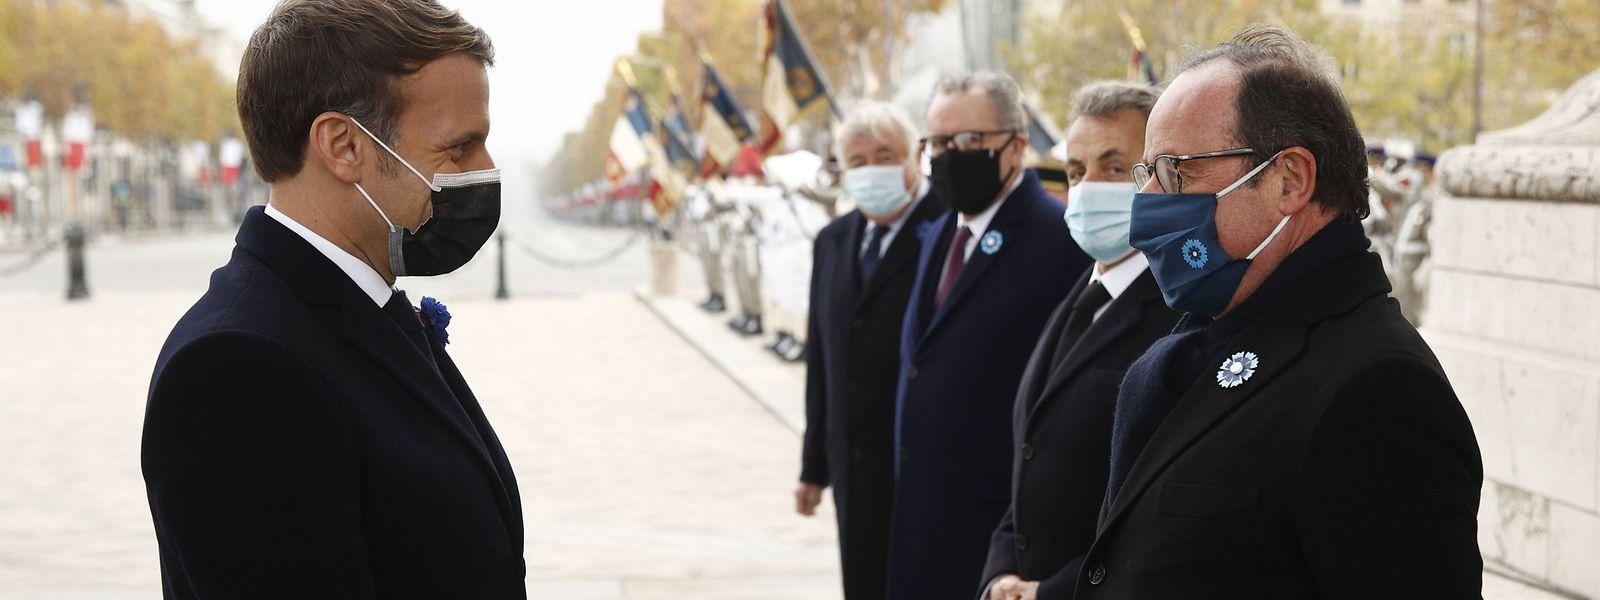 Emmanuel Macron begrüßt seinen Amtsvorgänger François Hollande während der Gedenkzeremonie am Triumphbogen in Paris.